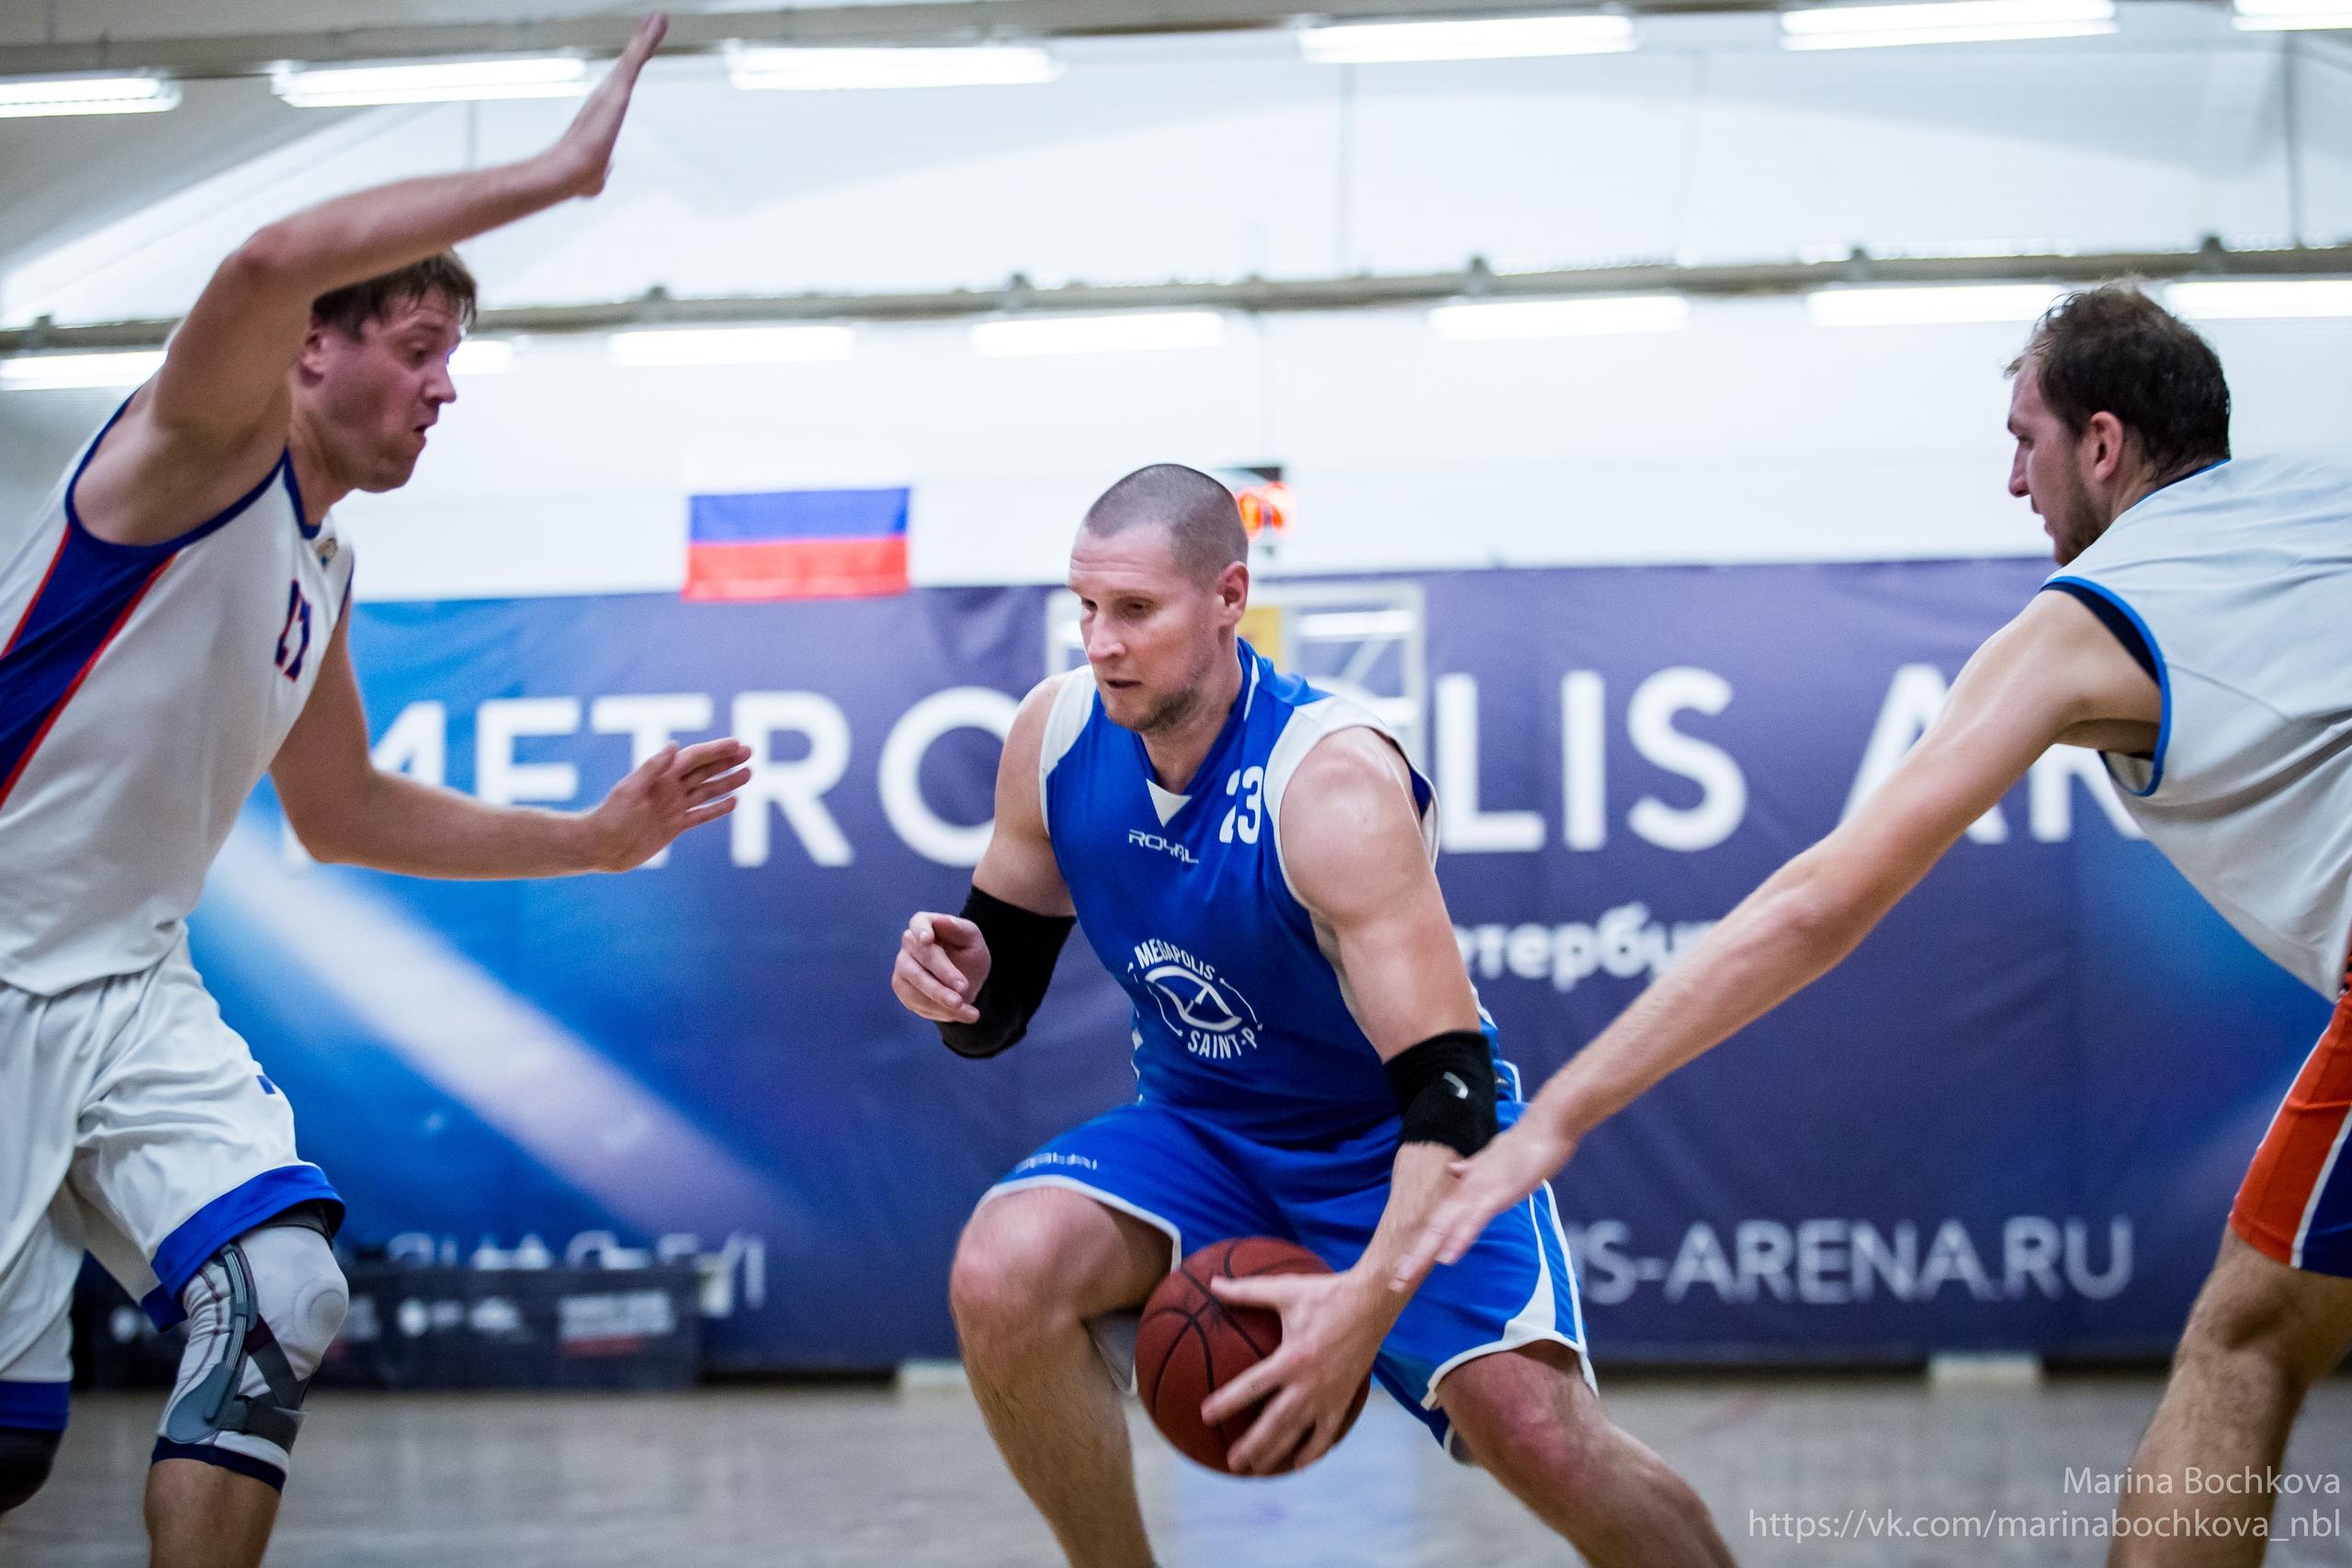 Владимир Шевель, самый полезный игрок сезона 2019-2020